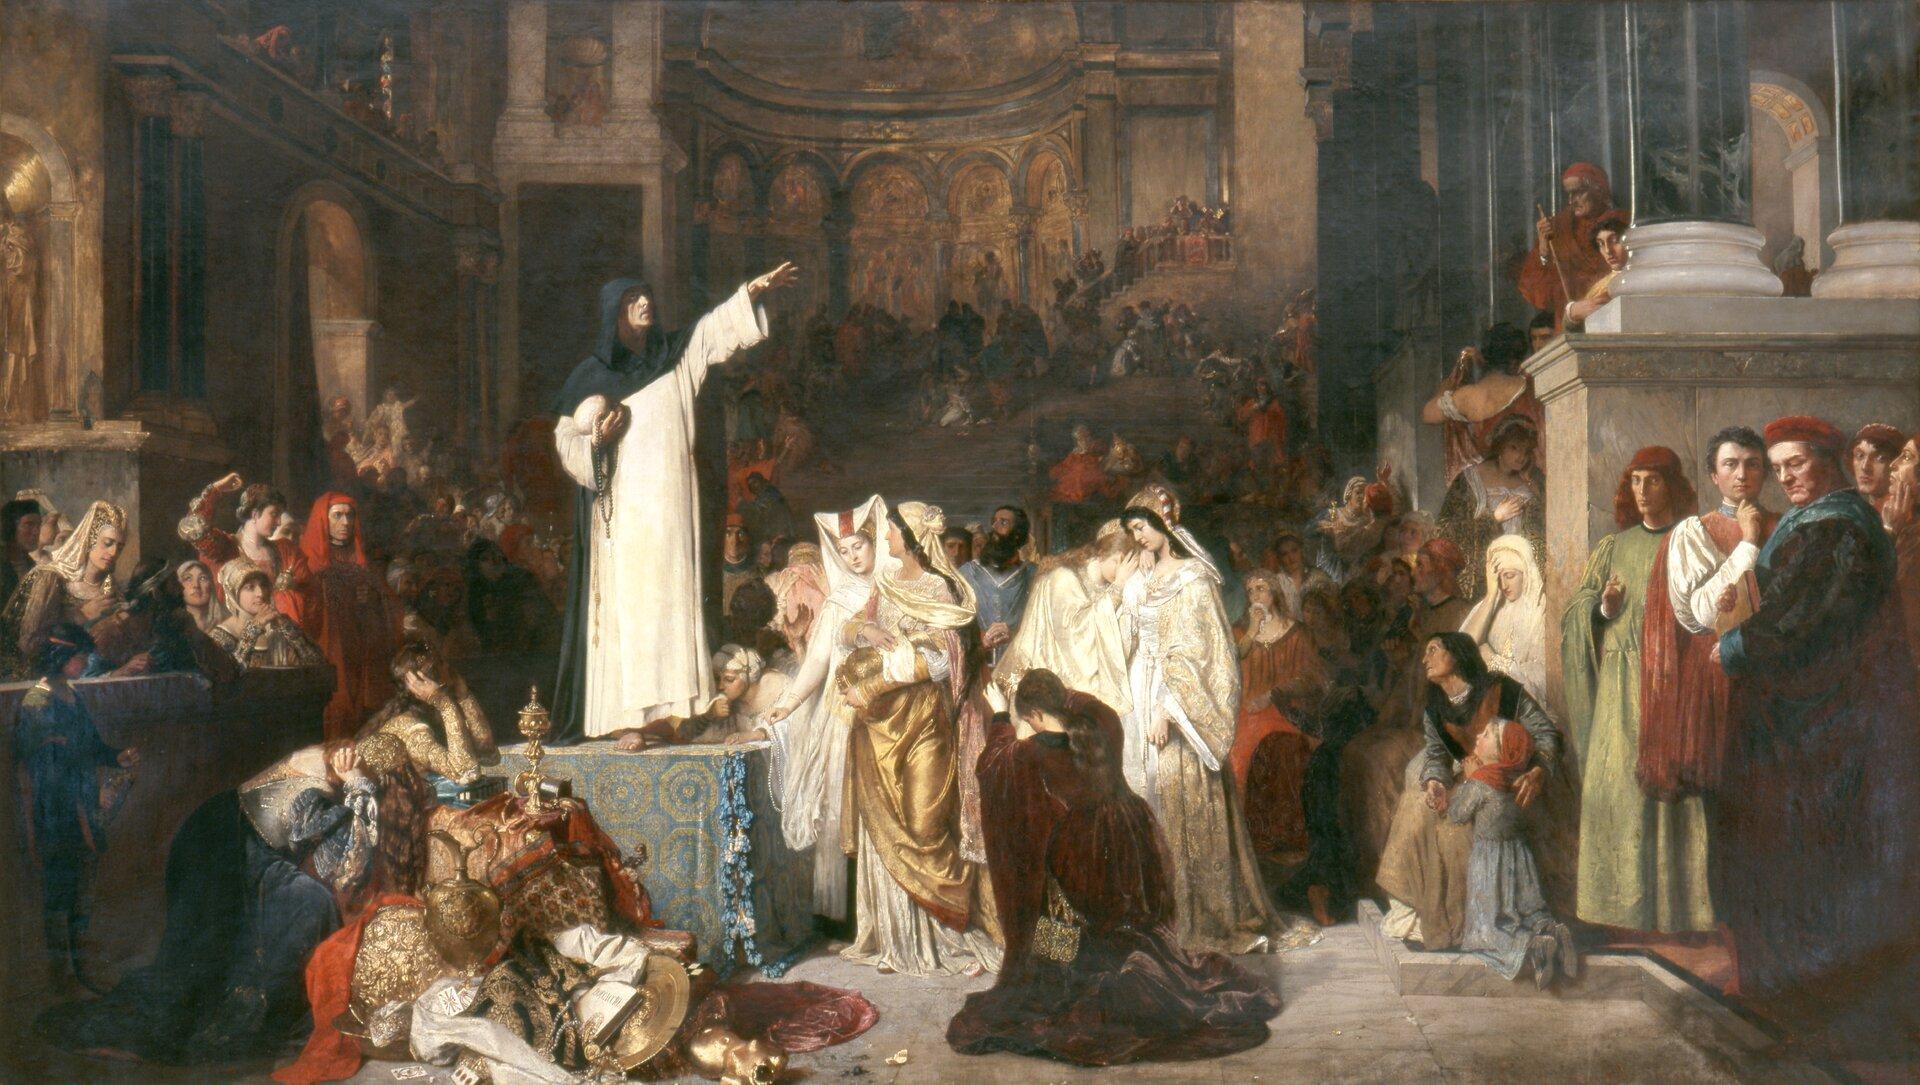 Savanarola głoszący kazanie przeciwko rozrzutności Źródło: Ludwig von Langenmantel, Savanarola głoszący kazanie przeciwko rozrzutności, 1879, domena publiczna.